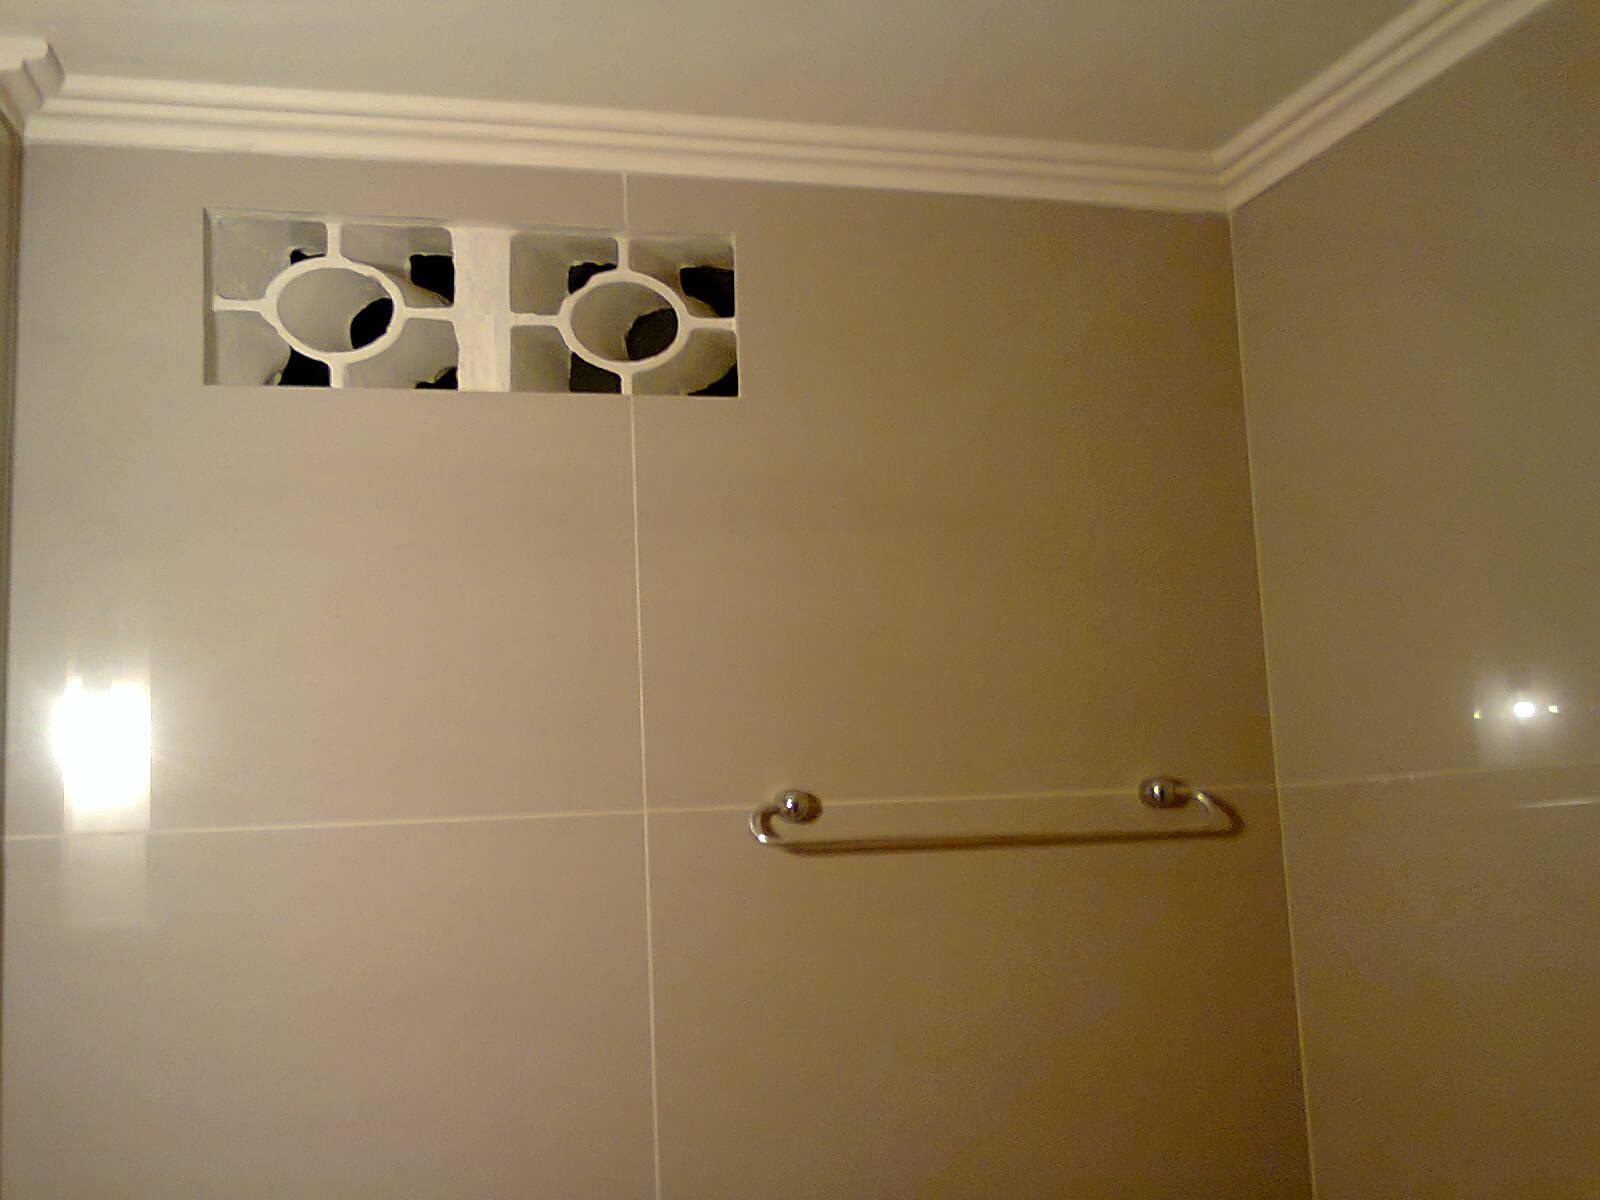 #2C1D08 porcelanato no chão foi colocado piso sobre piso mesmo porcelanato  1600x1200 px reforma de banheiro com porcelanato